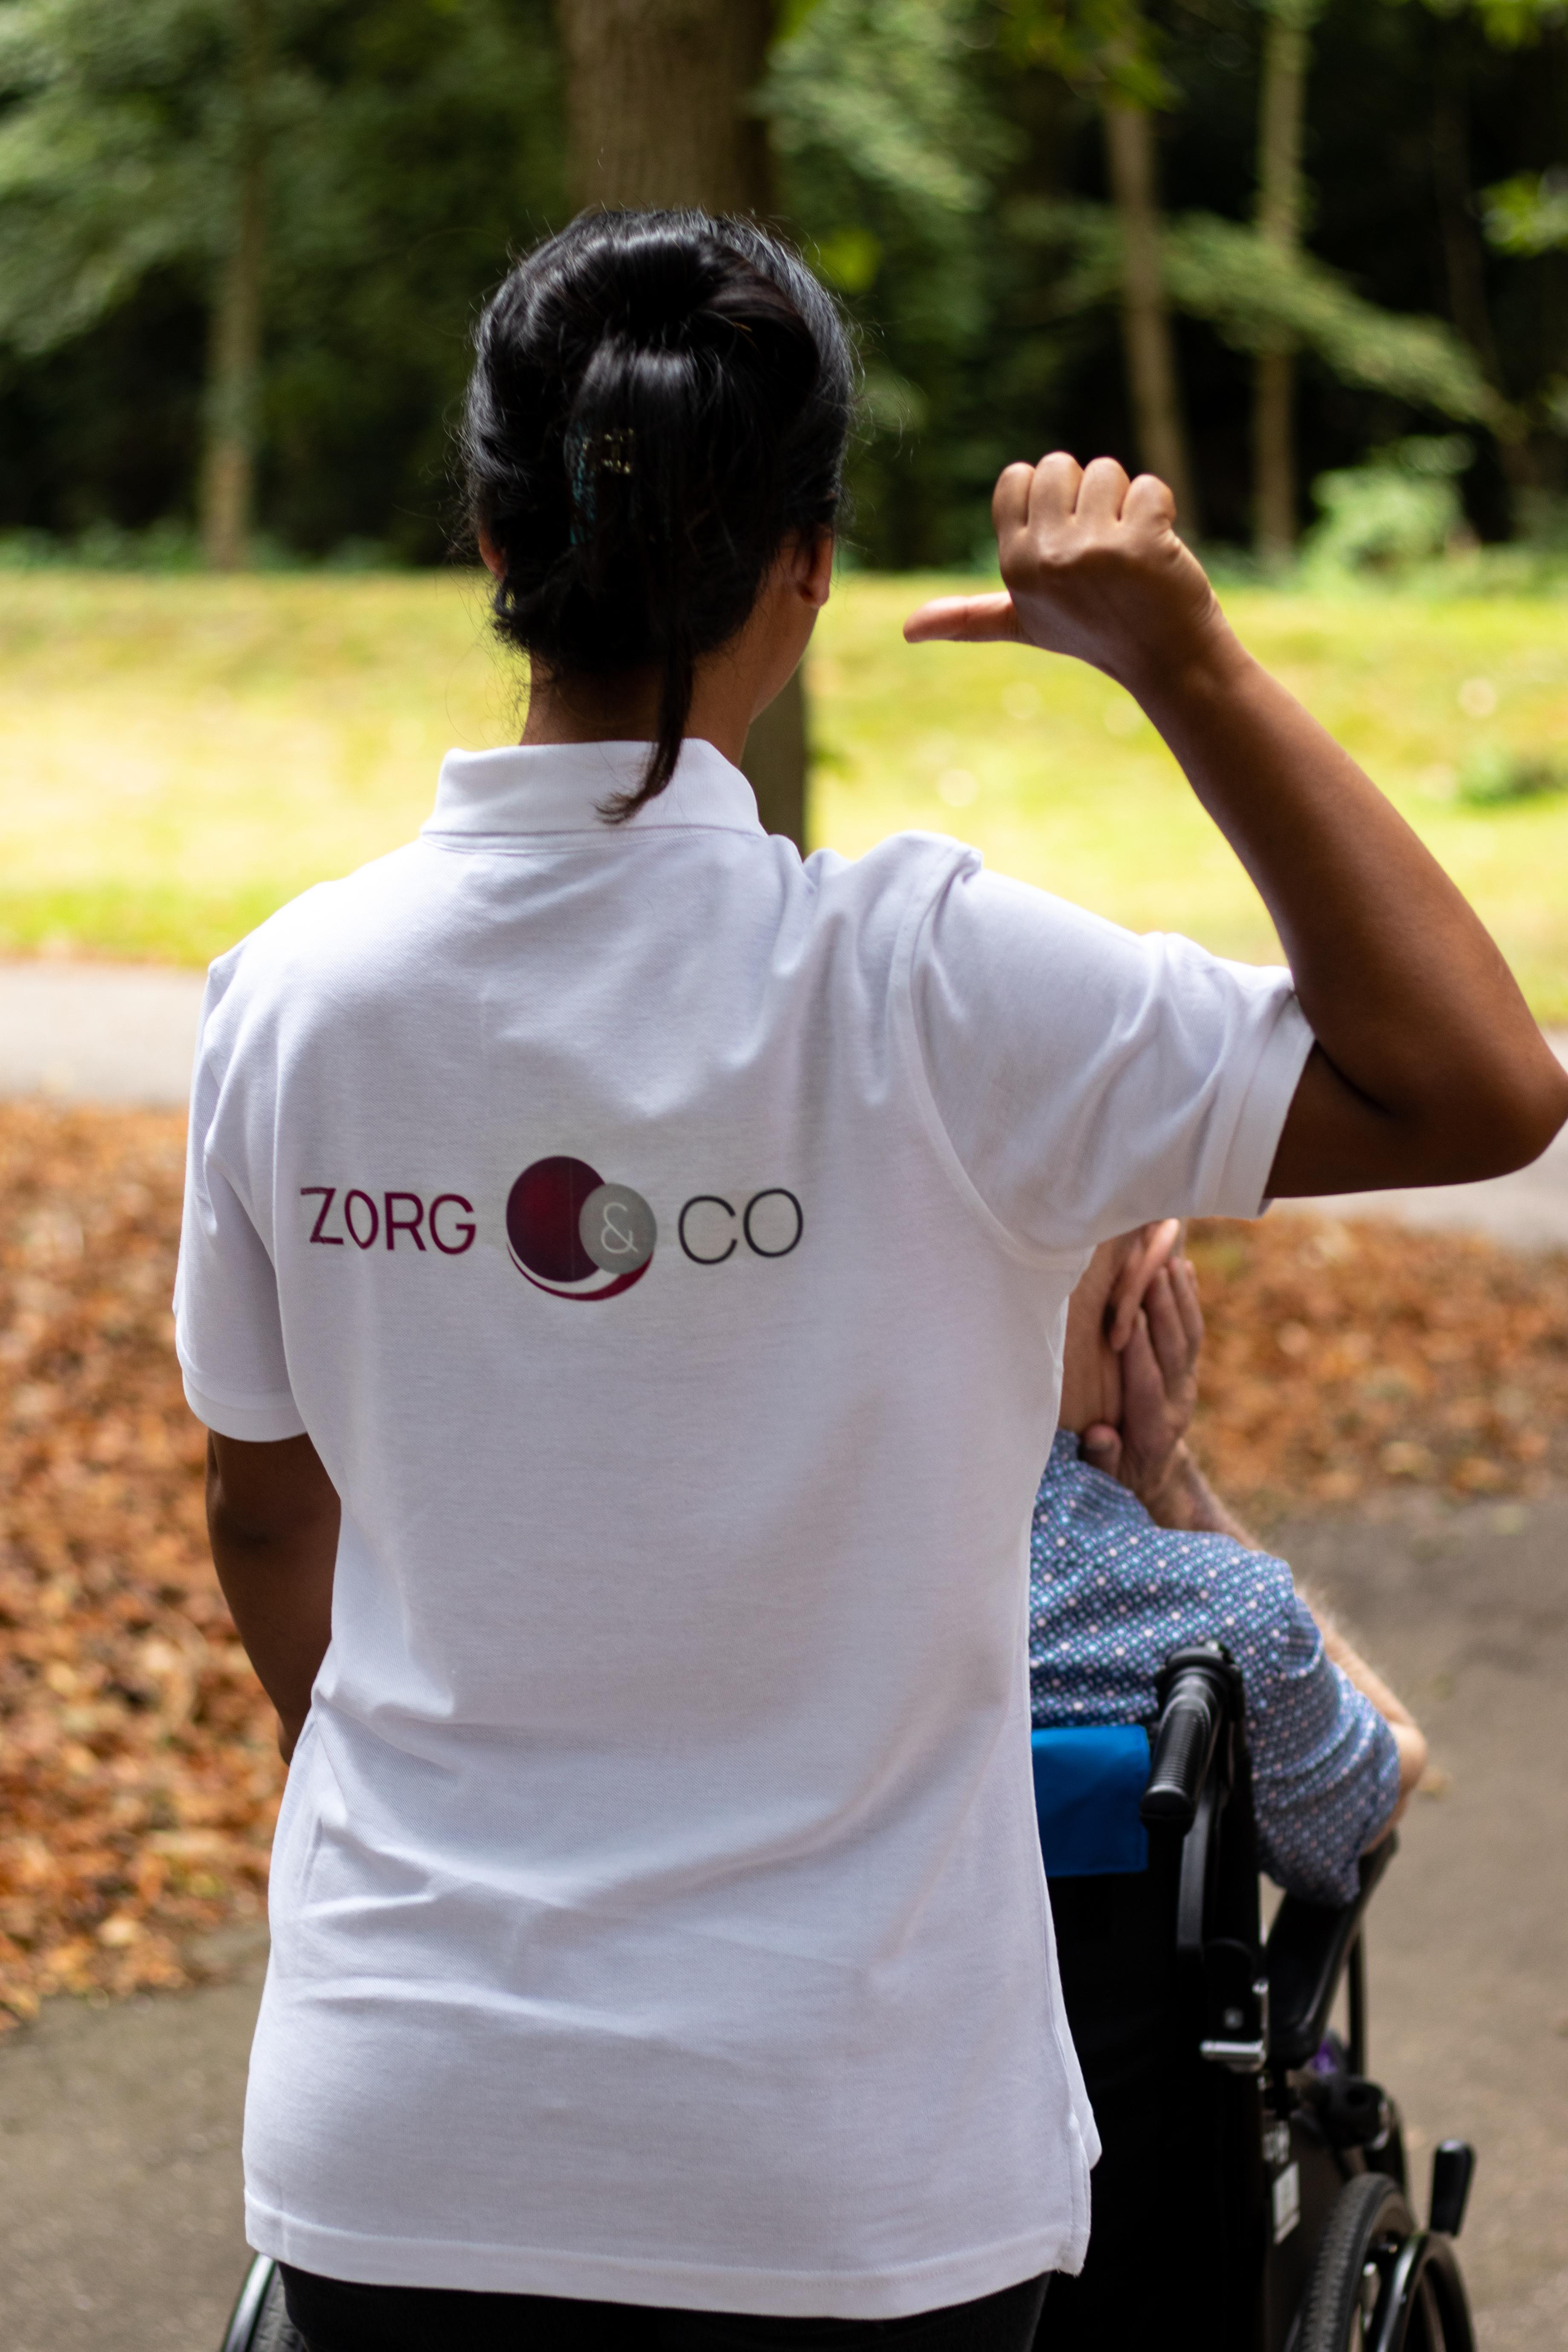 Geholpen worden door Zorg&Co